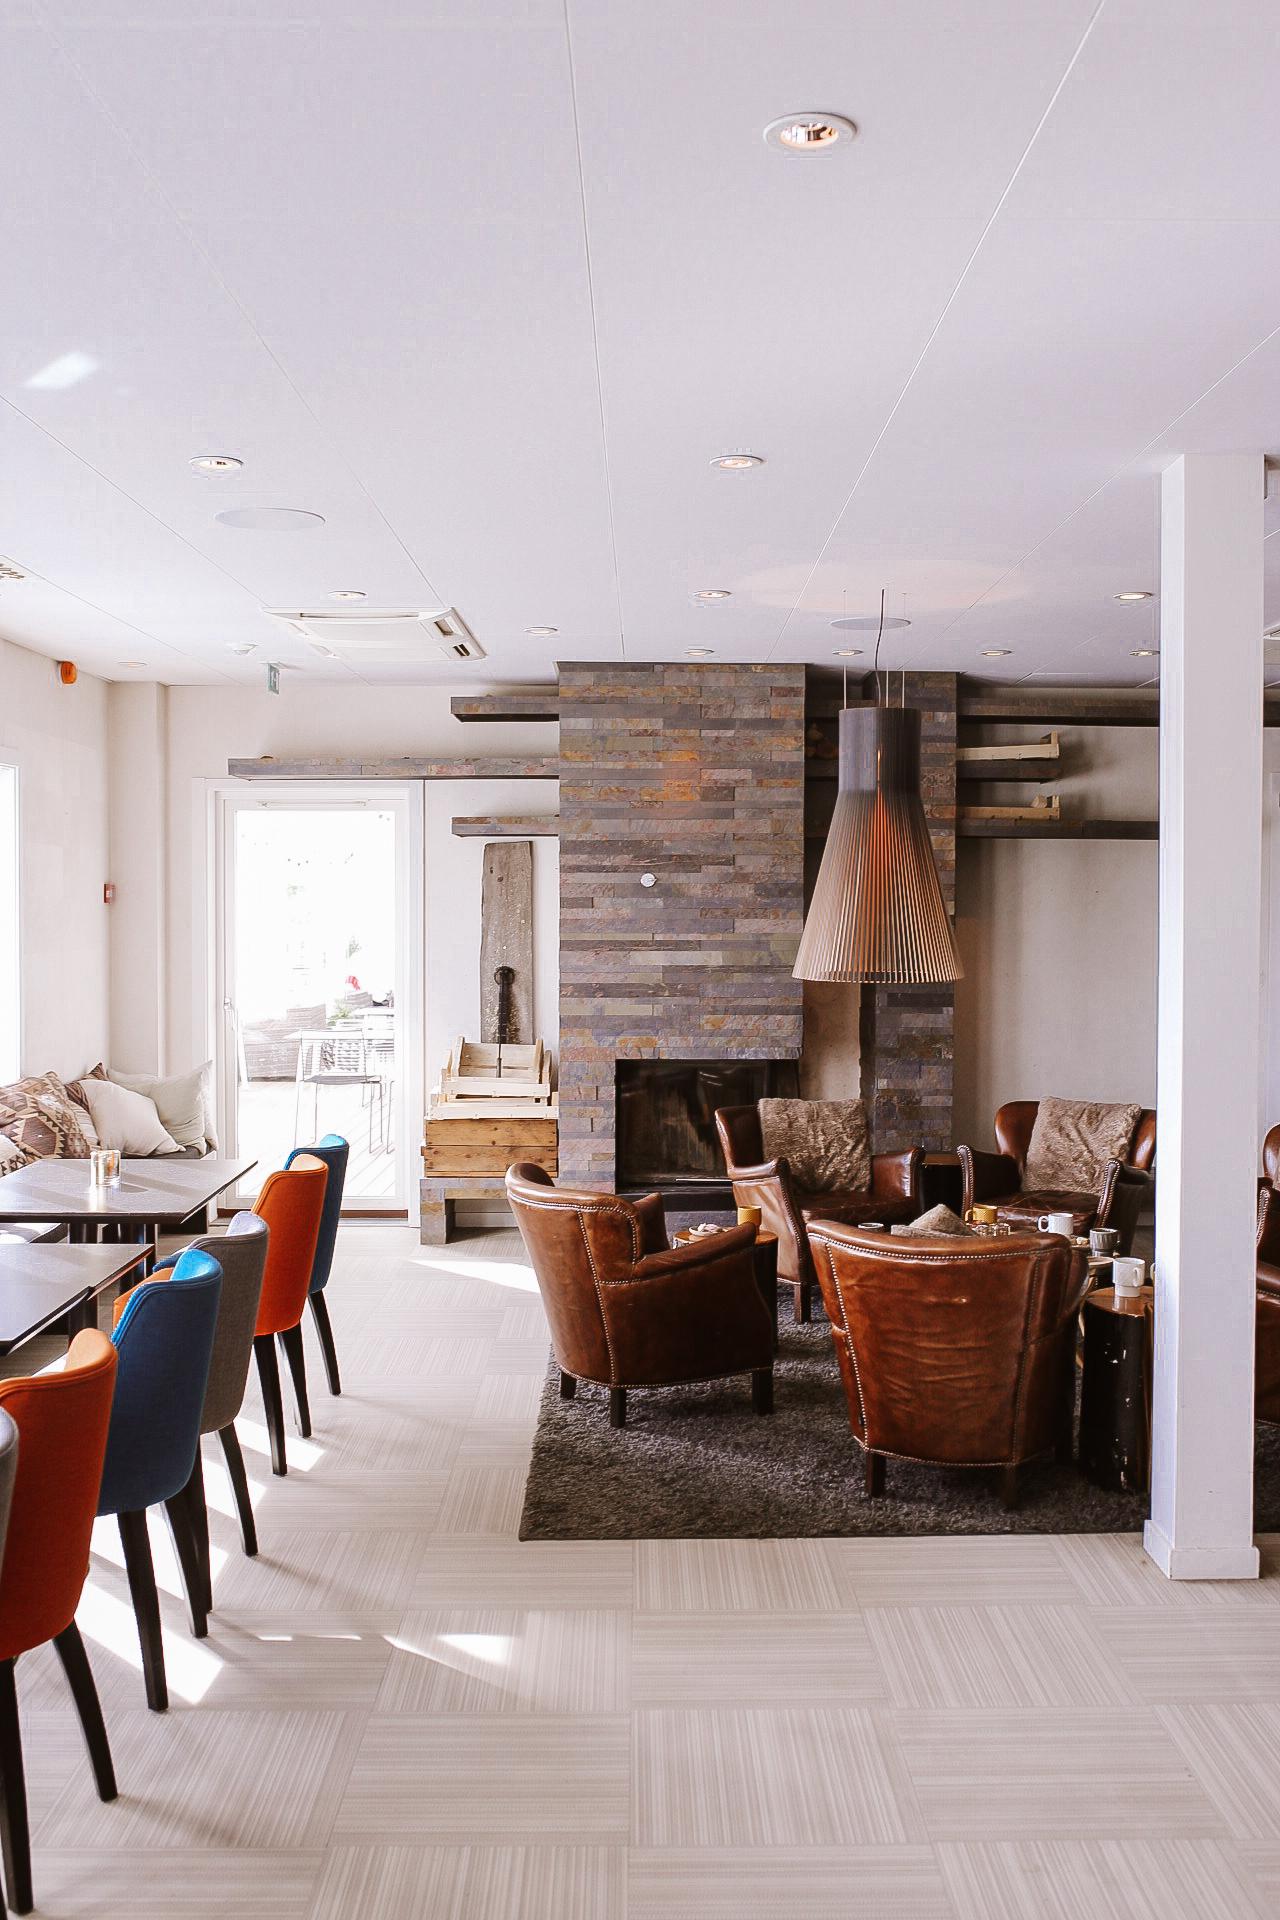 Ulvöhotell lounge